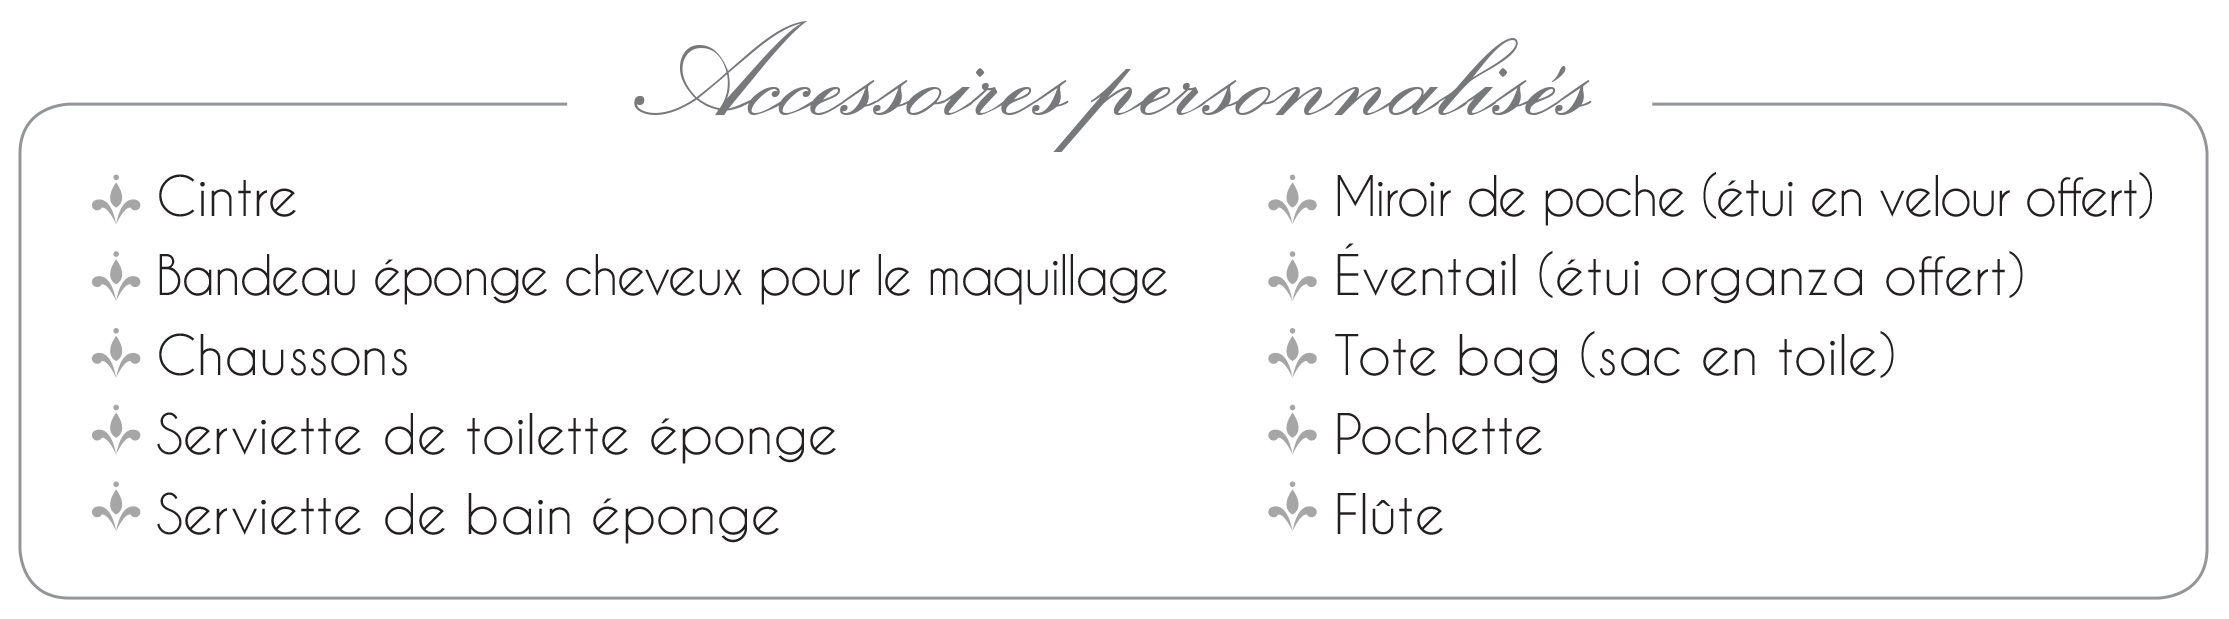 Accessoires-personnalises